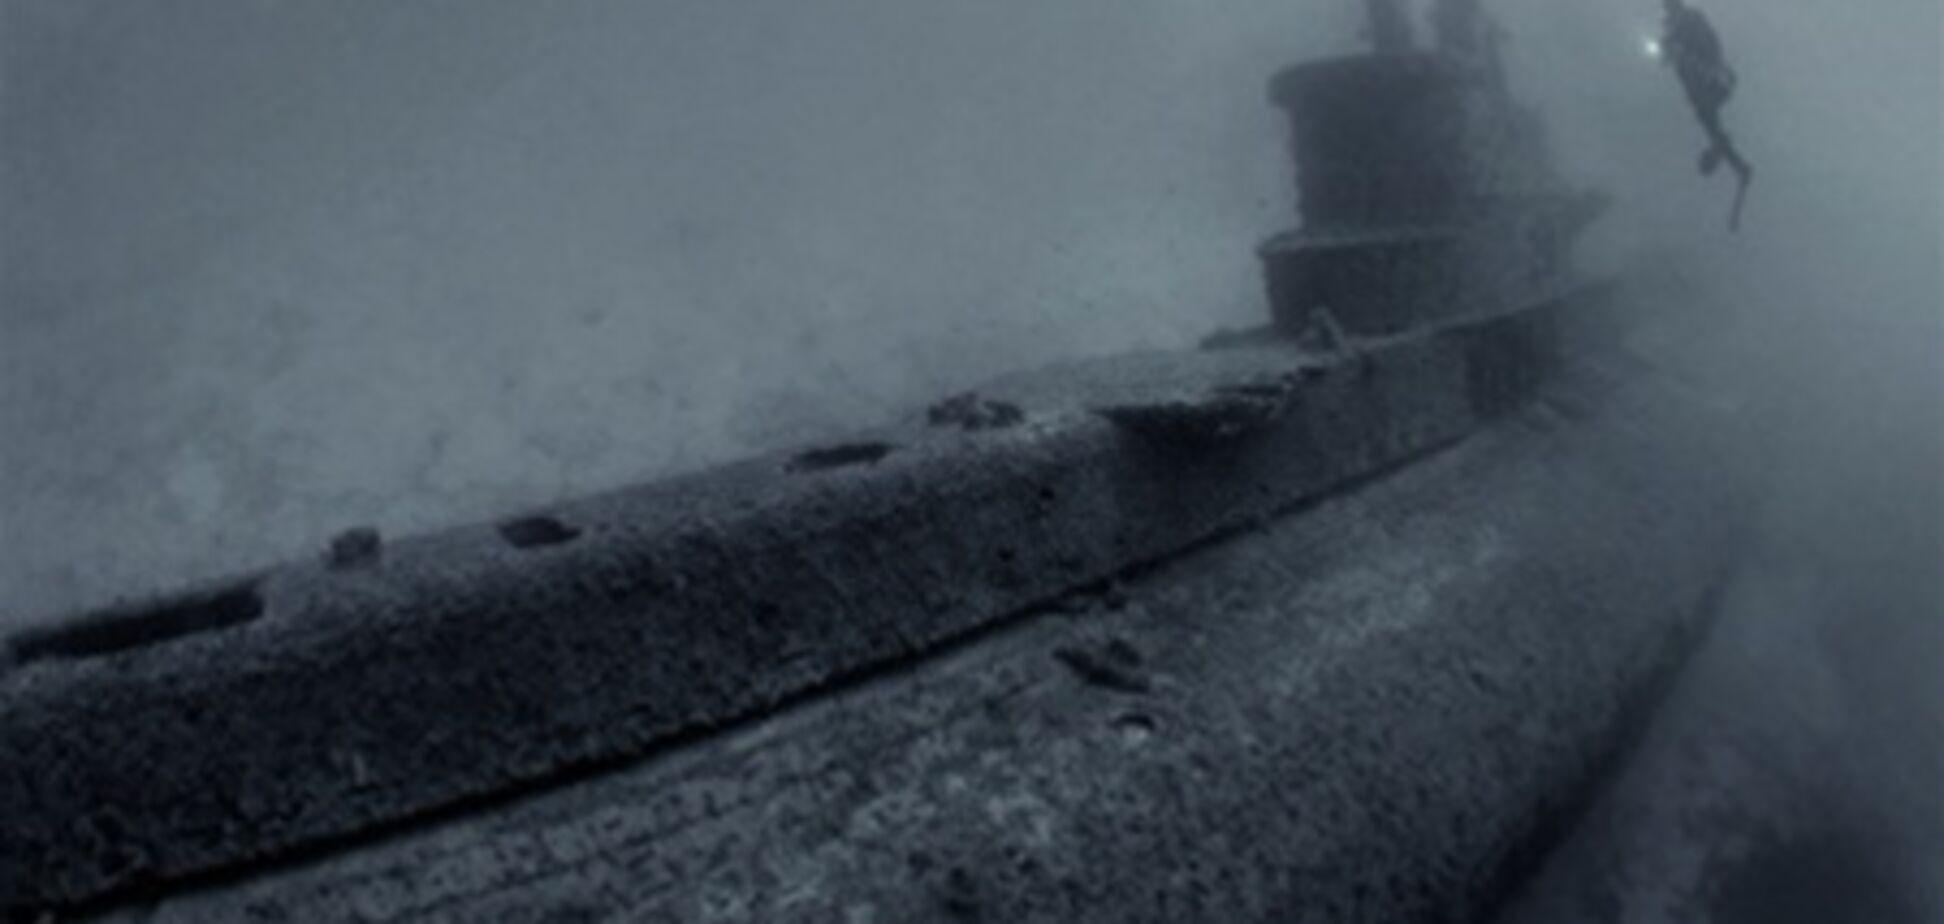 Експертів вразила збереження знайденої у Тарханкуту субмарини